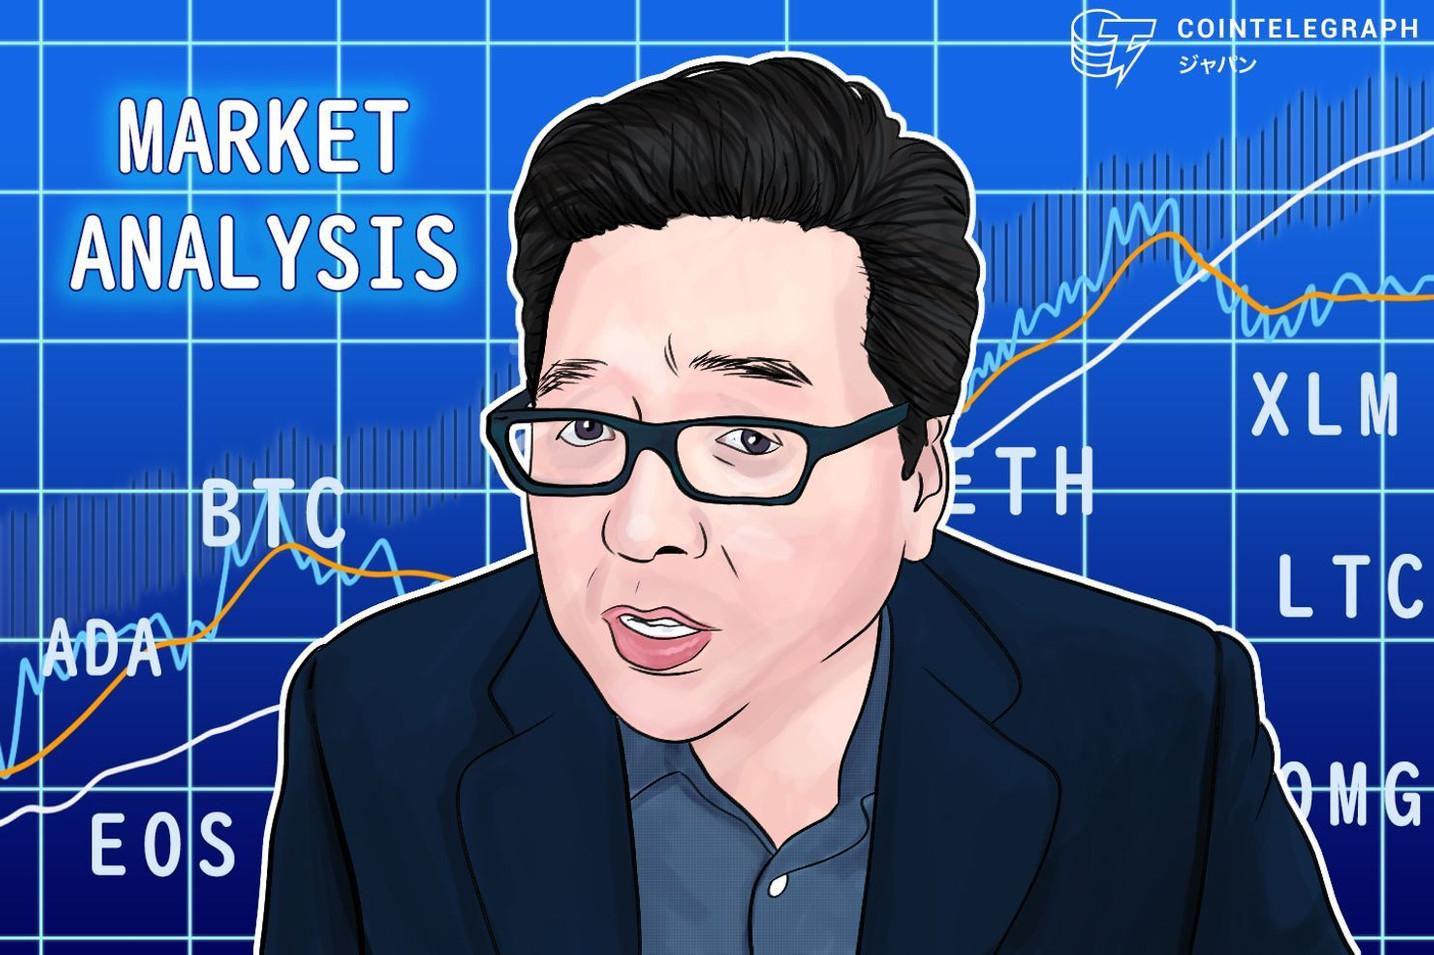 「イーサリアムはまもなく復活する」仮想通貨アナリストのトム・リー氏が予測